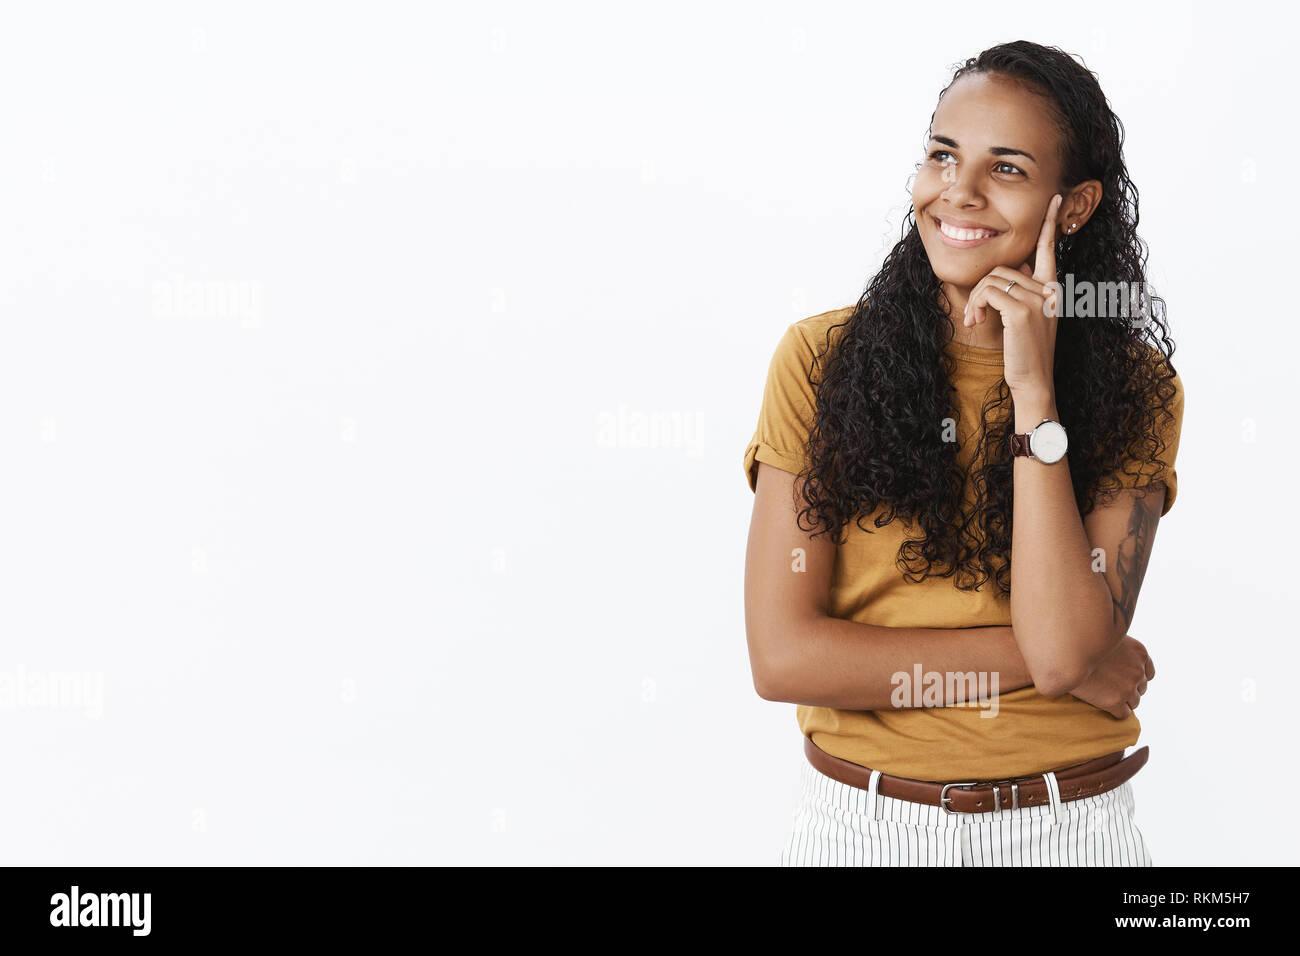 Innen- schuss von glücklichen unbeschwerten charmante african-american erfreut, Frau in t-shirt Holding Finger auf Tempel zufrieden lächelnd wie nostalgischen Blick links Stockbild